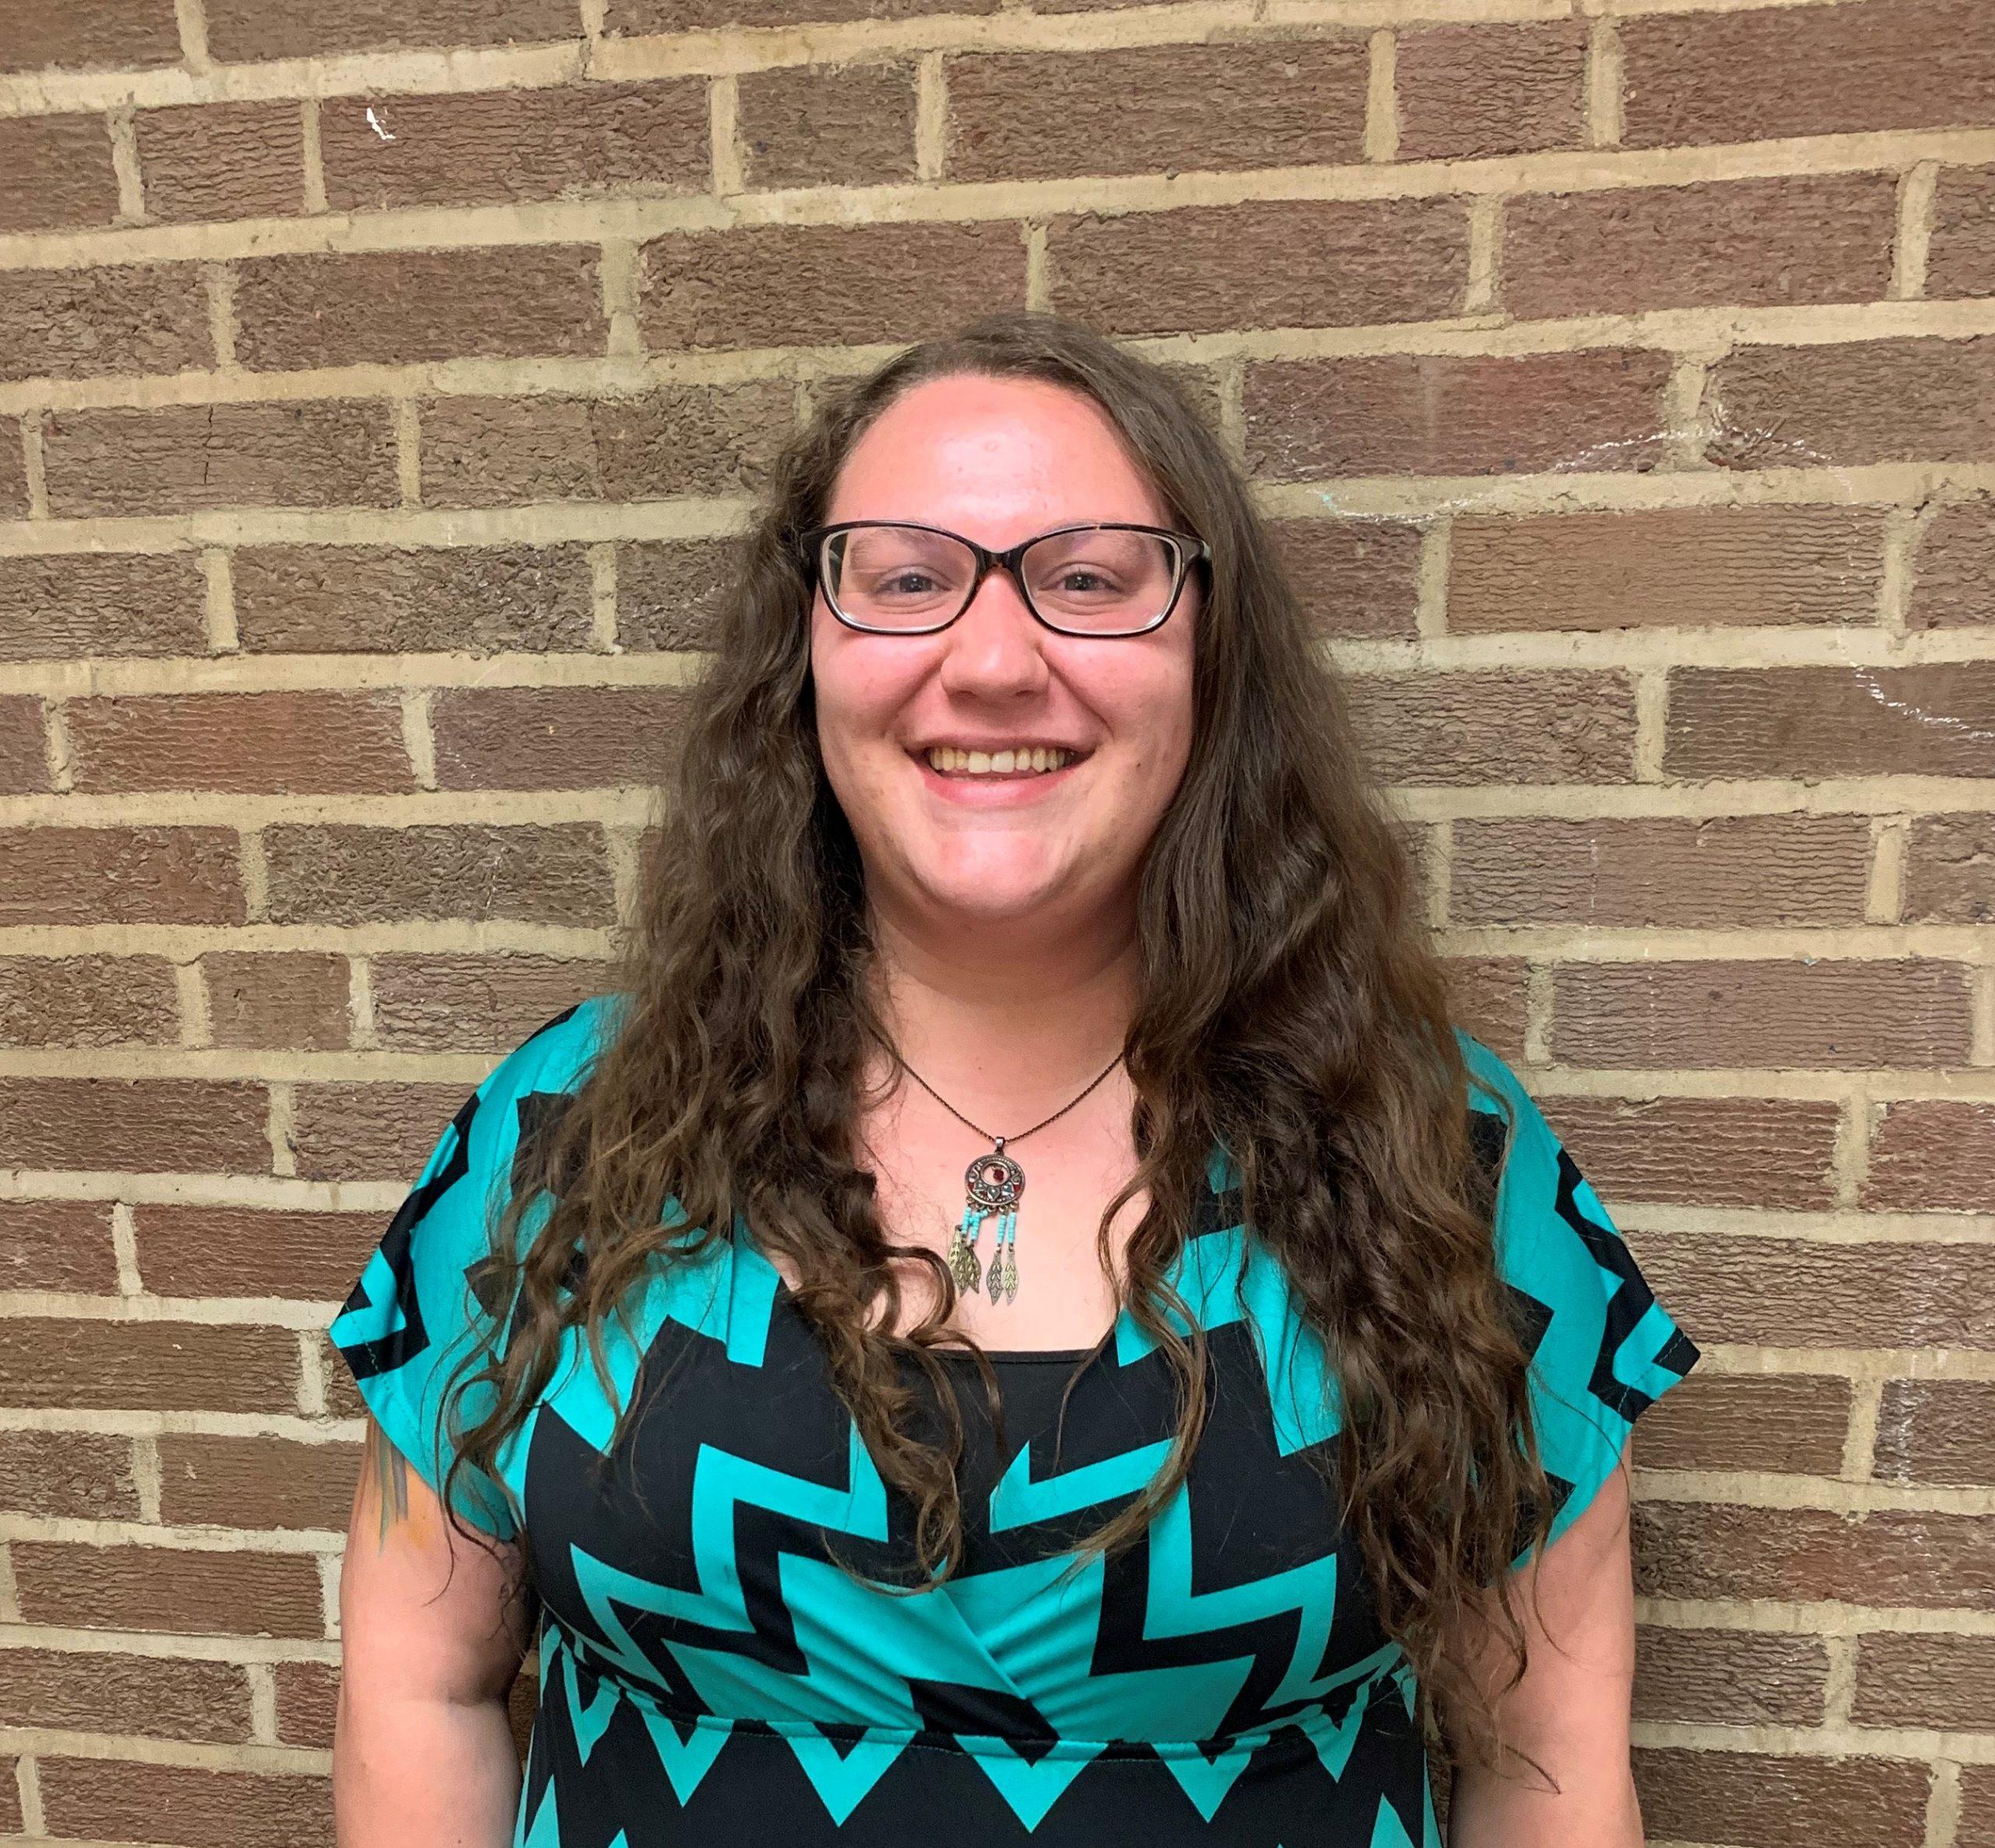 Samantha Binkley, BSW, MHP